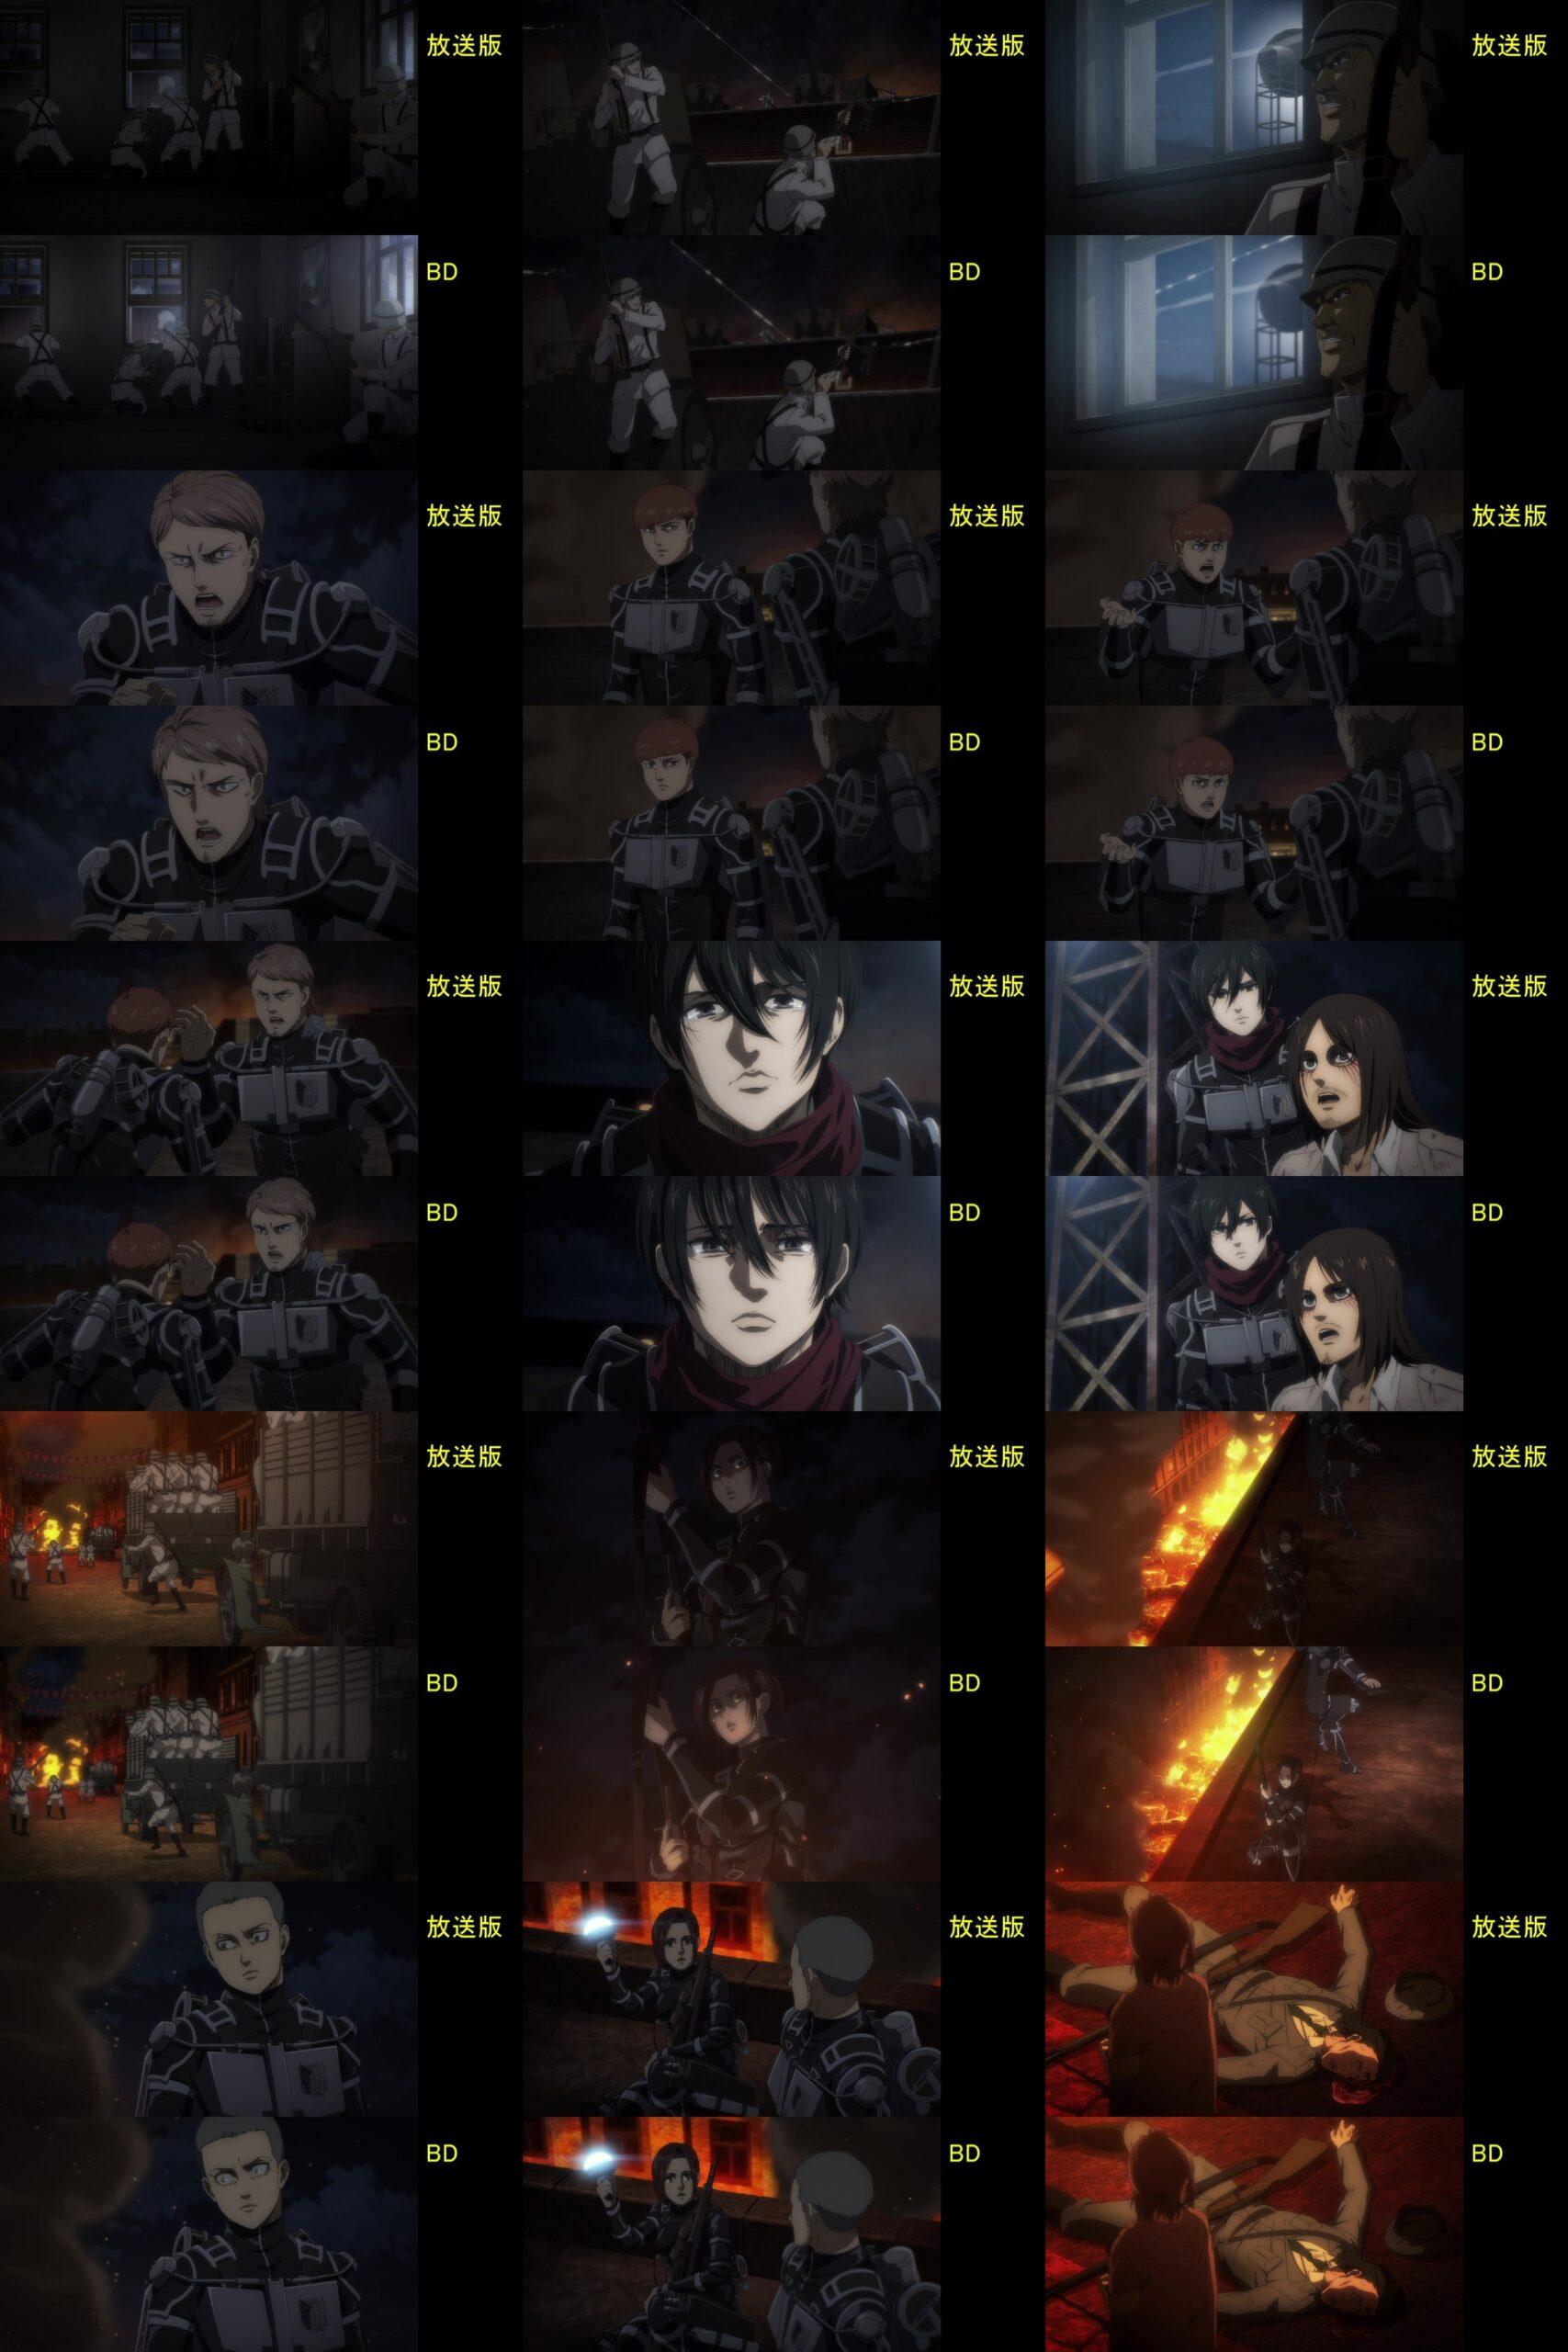 A4 8 scaled - Correções do Anime Shingeki no Kyojin: The Final Season no Blu-ray/DVD.